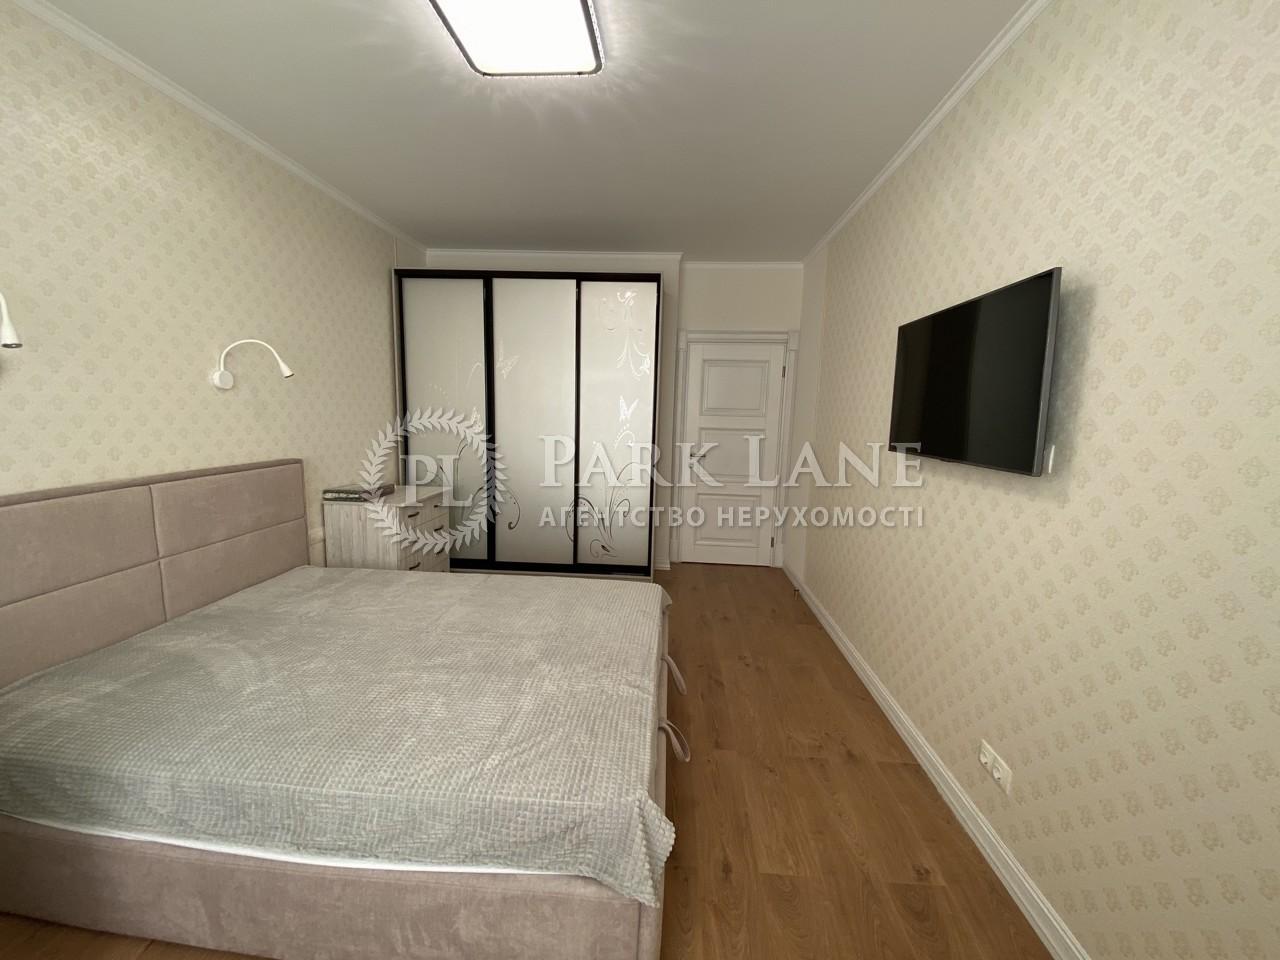 Квартира ул. Нижнеключевая, 14, Киев, J-29623 - Фото 8